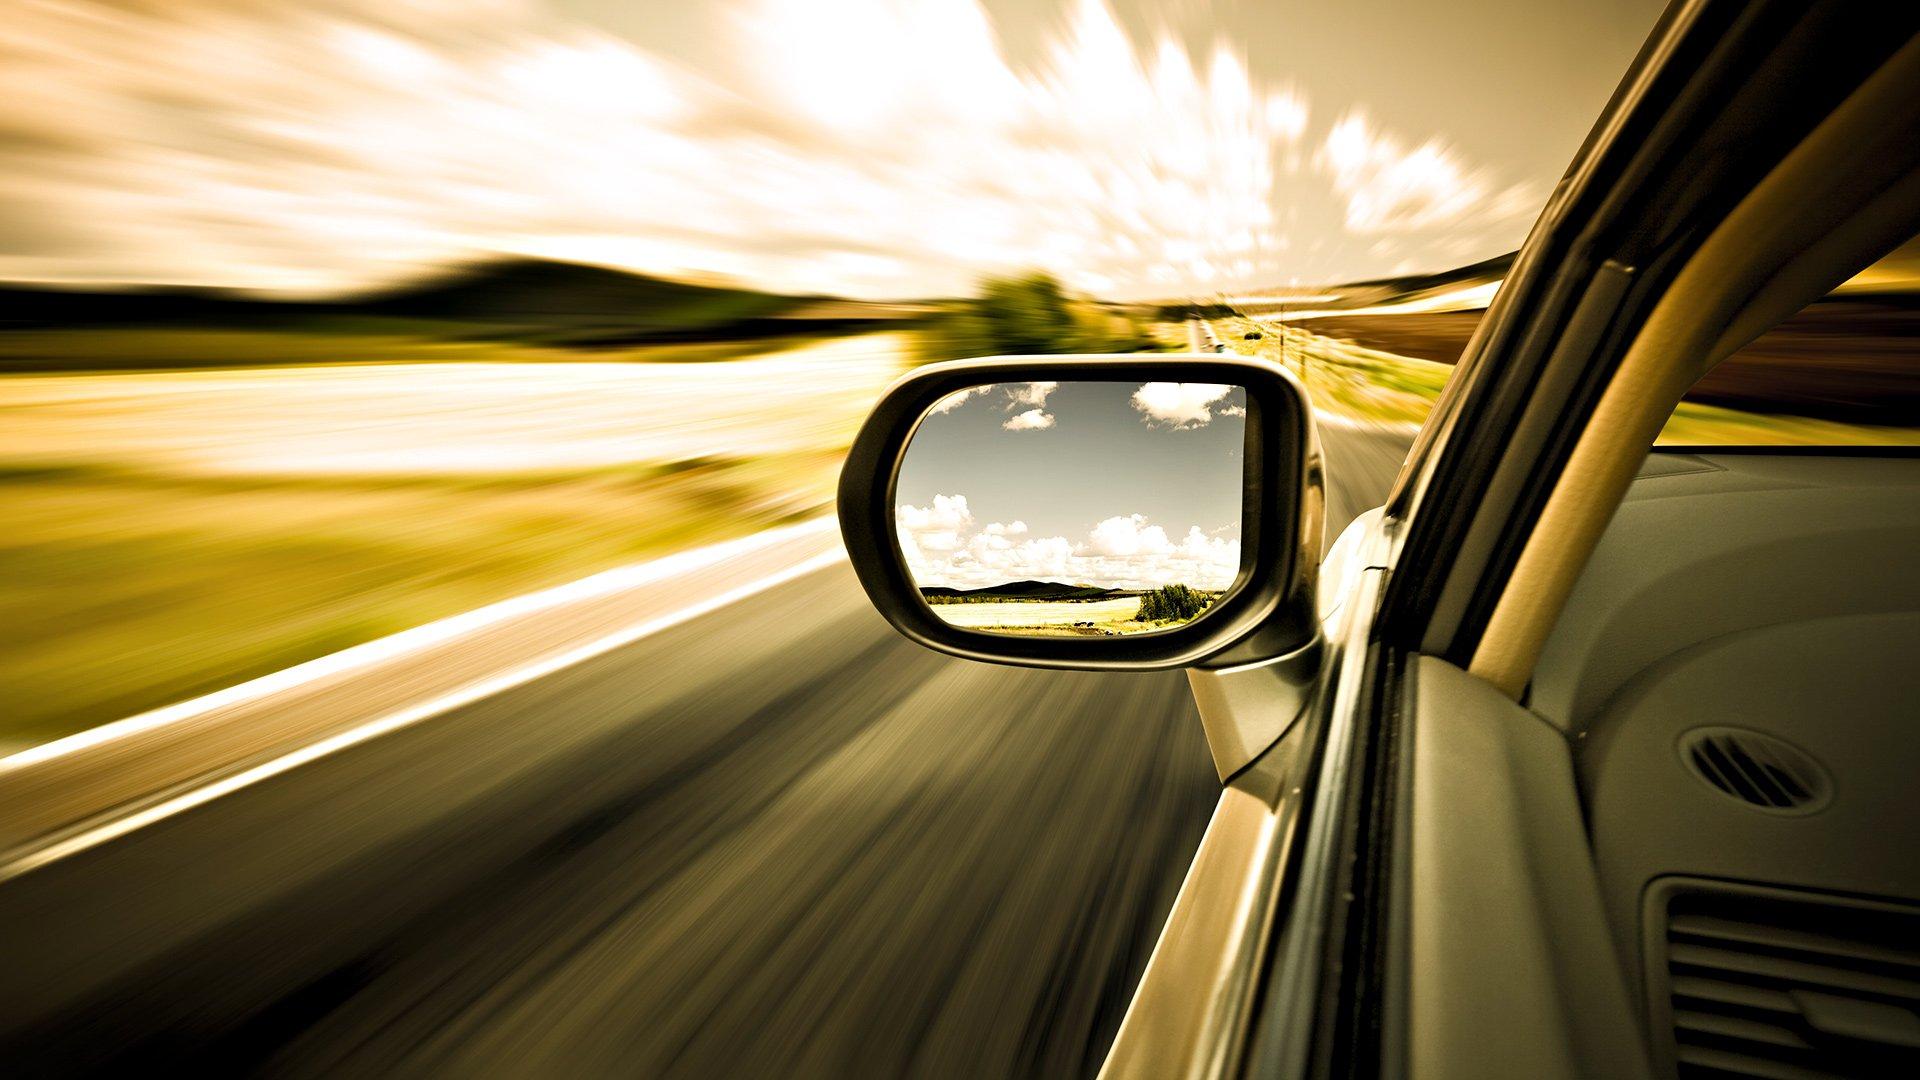 В зеркале заднего вида: взлёты и падения автопрома в 2014 году